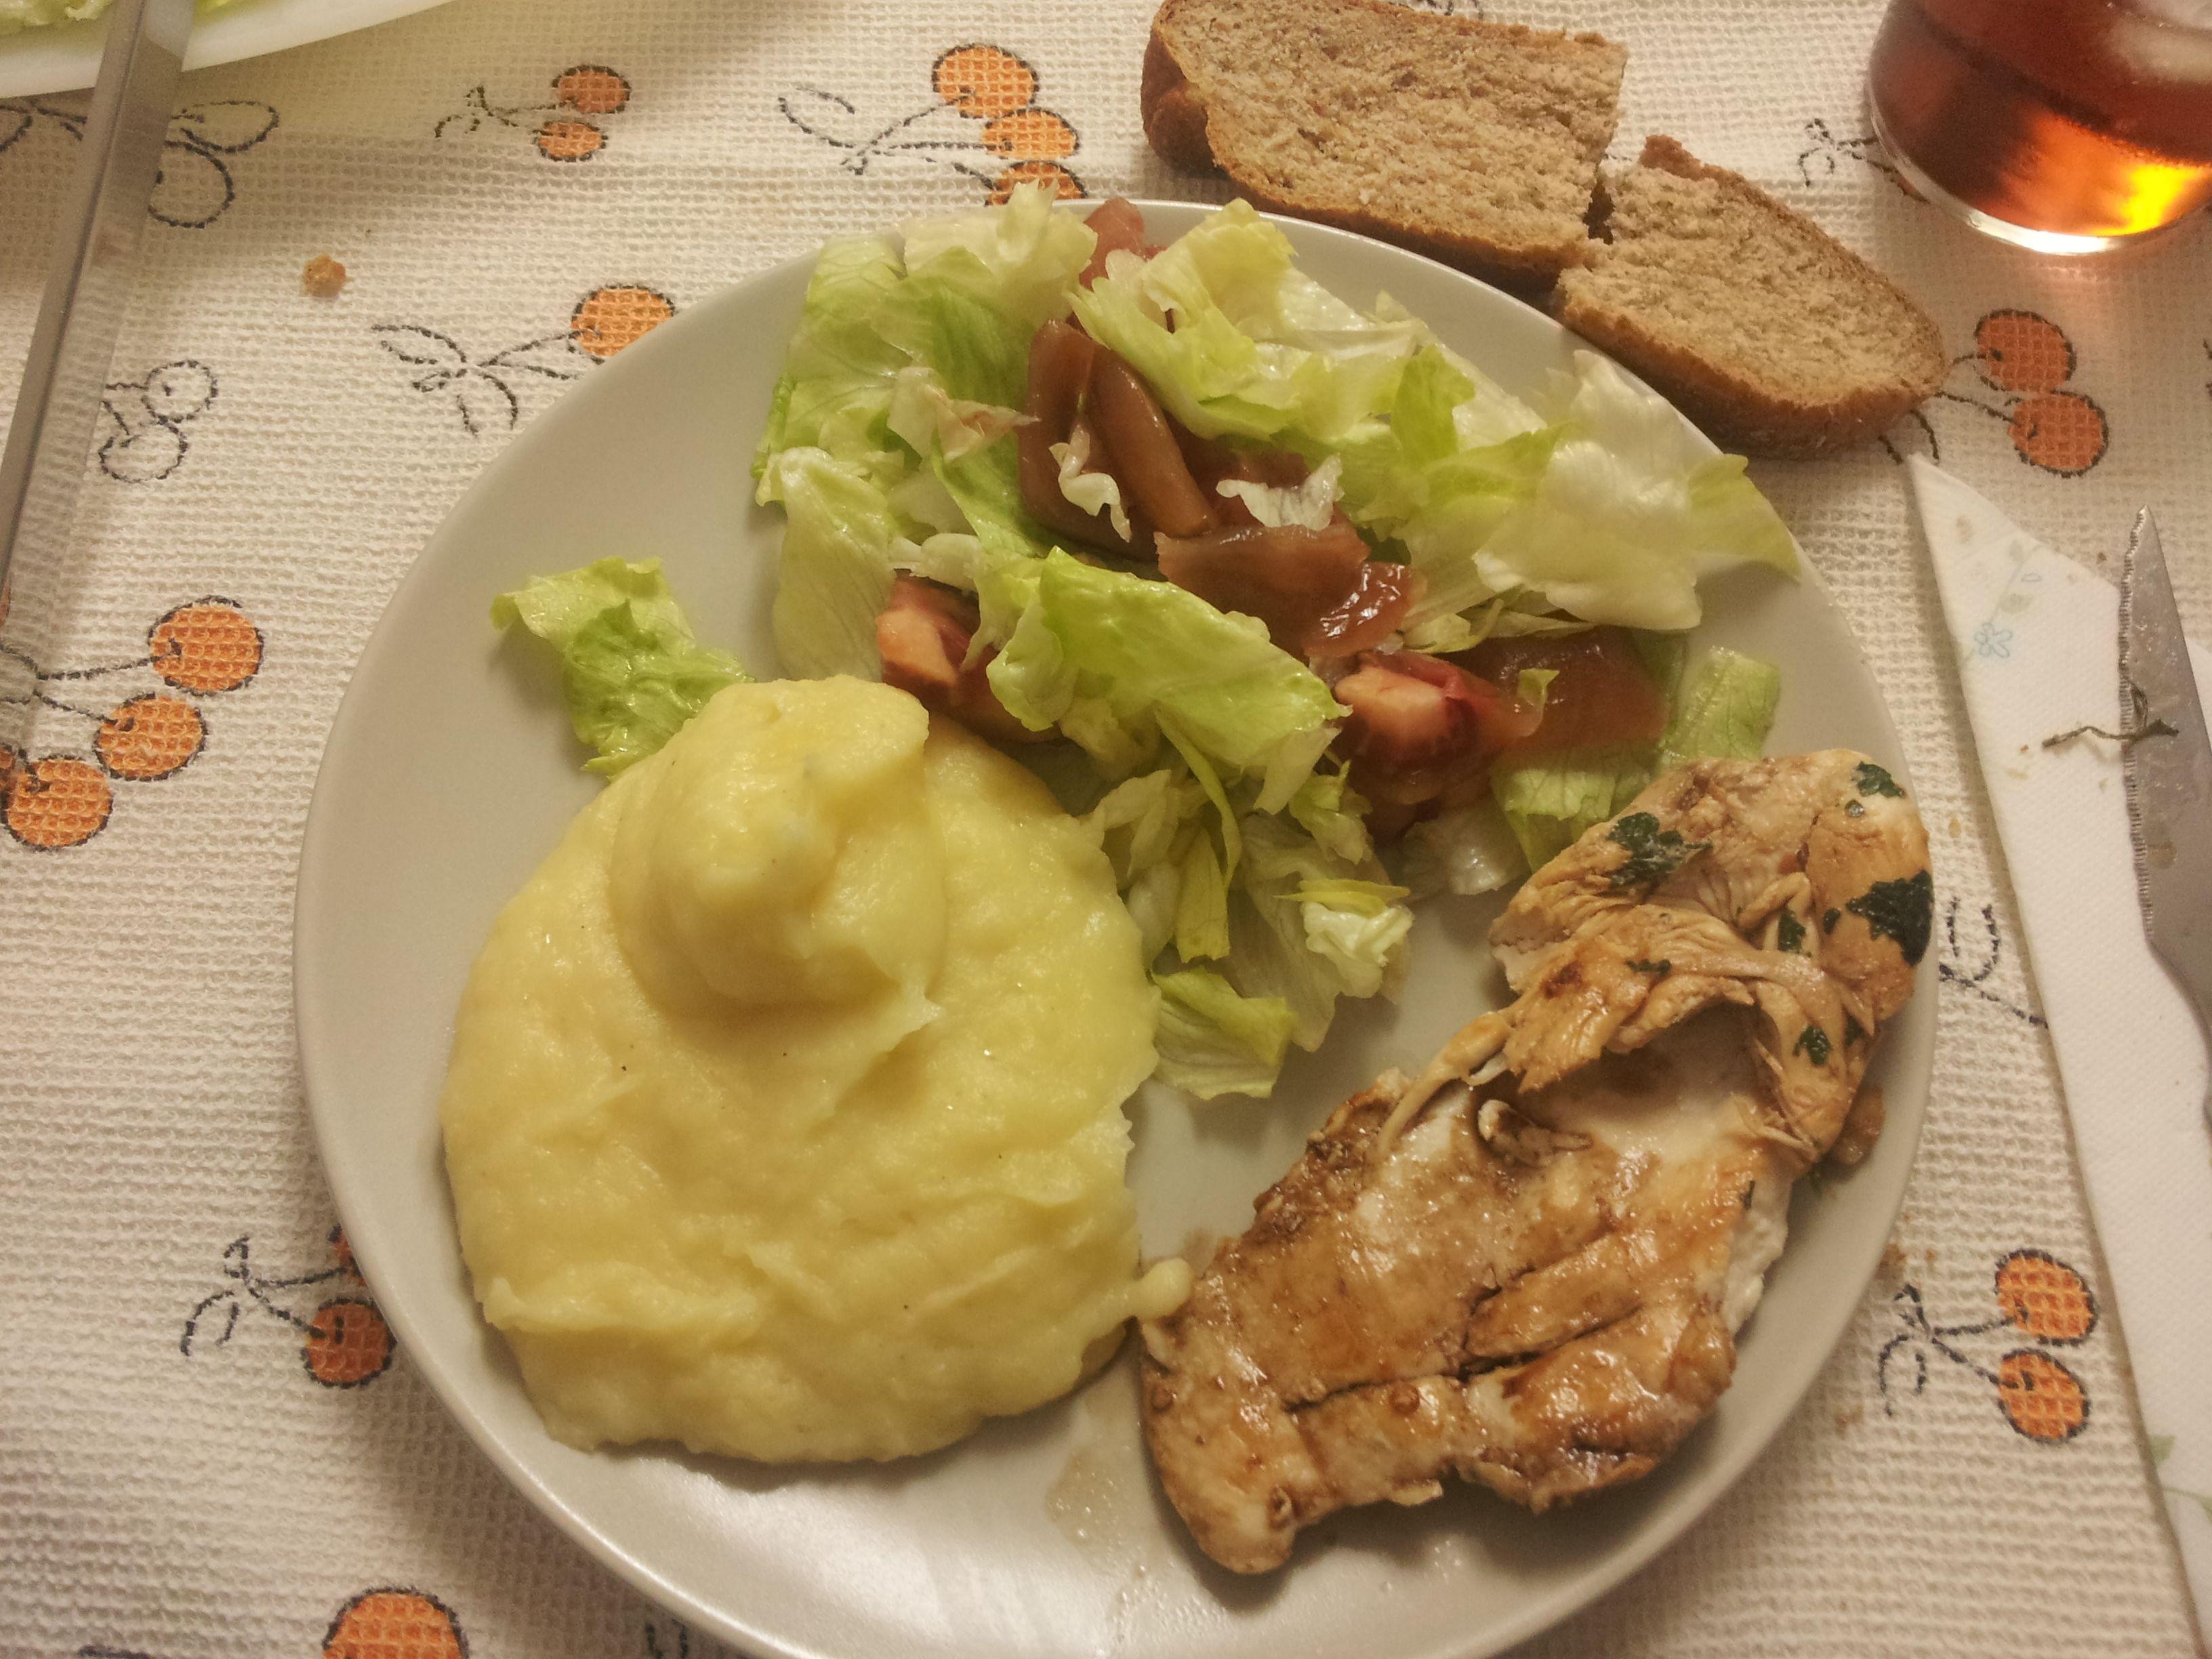 comidas+con+pechuga+de+pollo+y+patatas